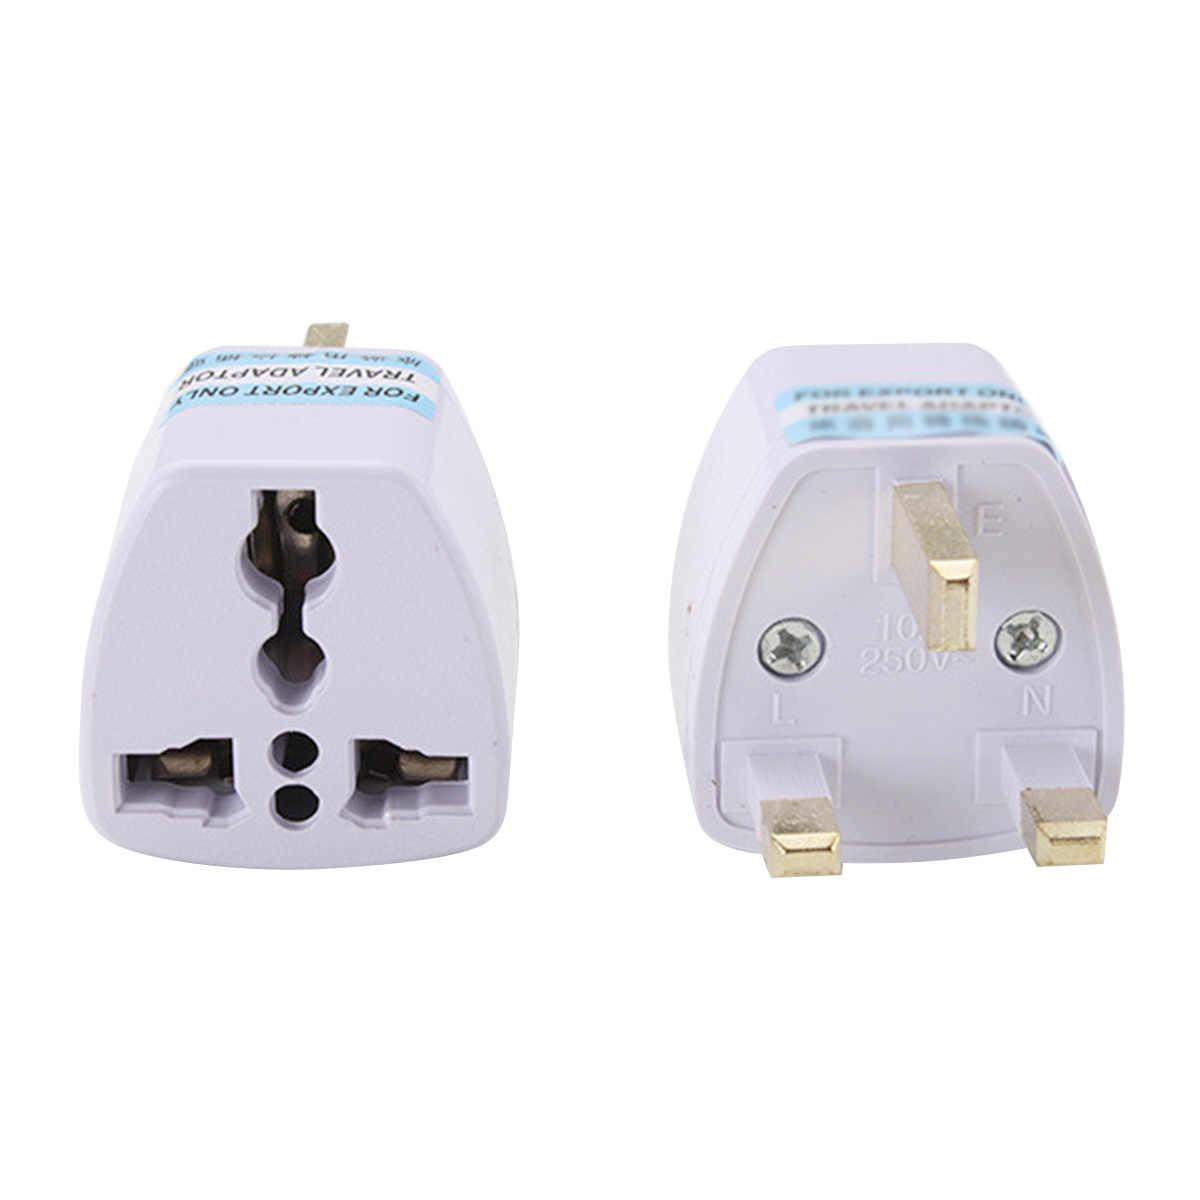 Uniwersalny AC zasilacz za pomocą tego narzędzia online bez międzynarodowych usa/ue/CN do wielkiej brytanii wtyczka Adapter podróżny wtyczka elektryczna konwerter gniazdo zasilania